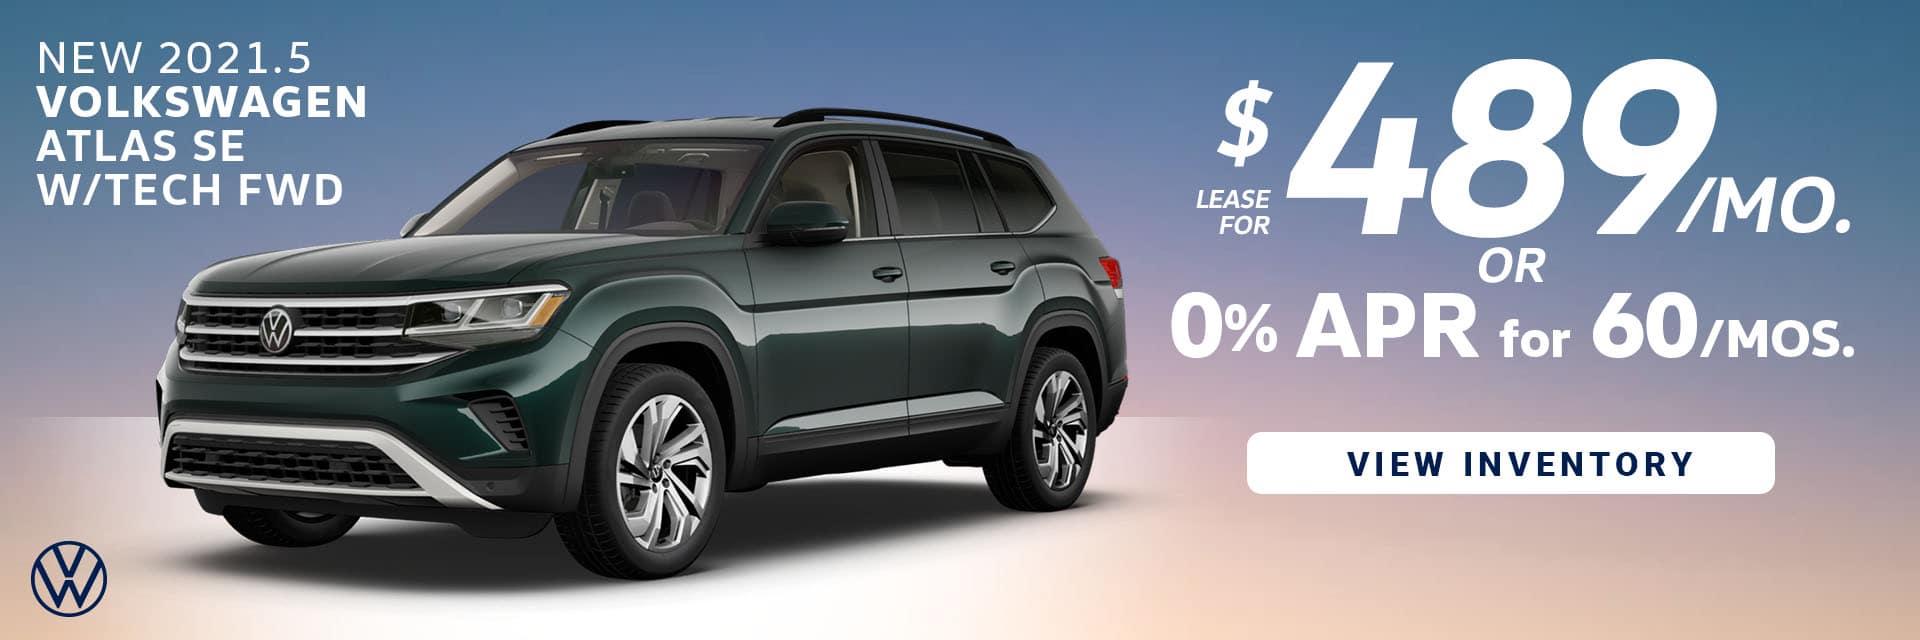 CVWG-June 20212021 Volkswagen Atlas copy